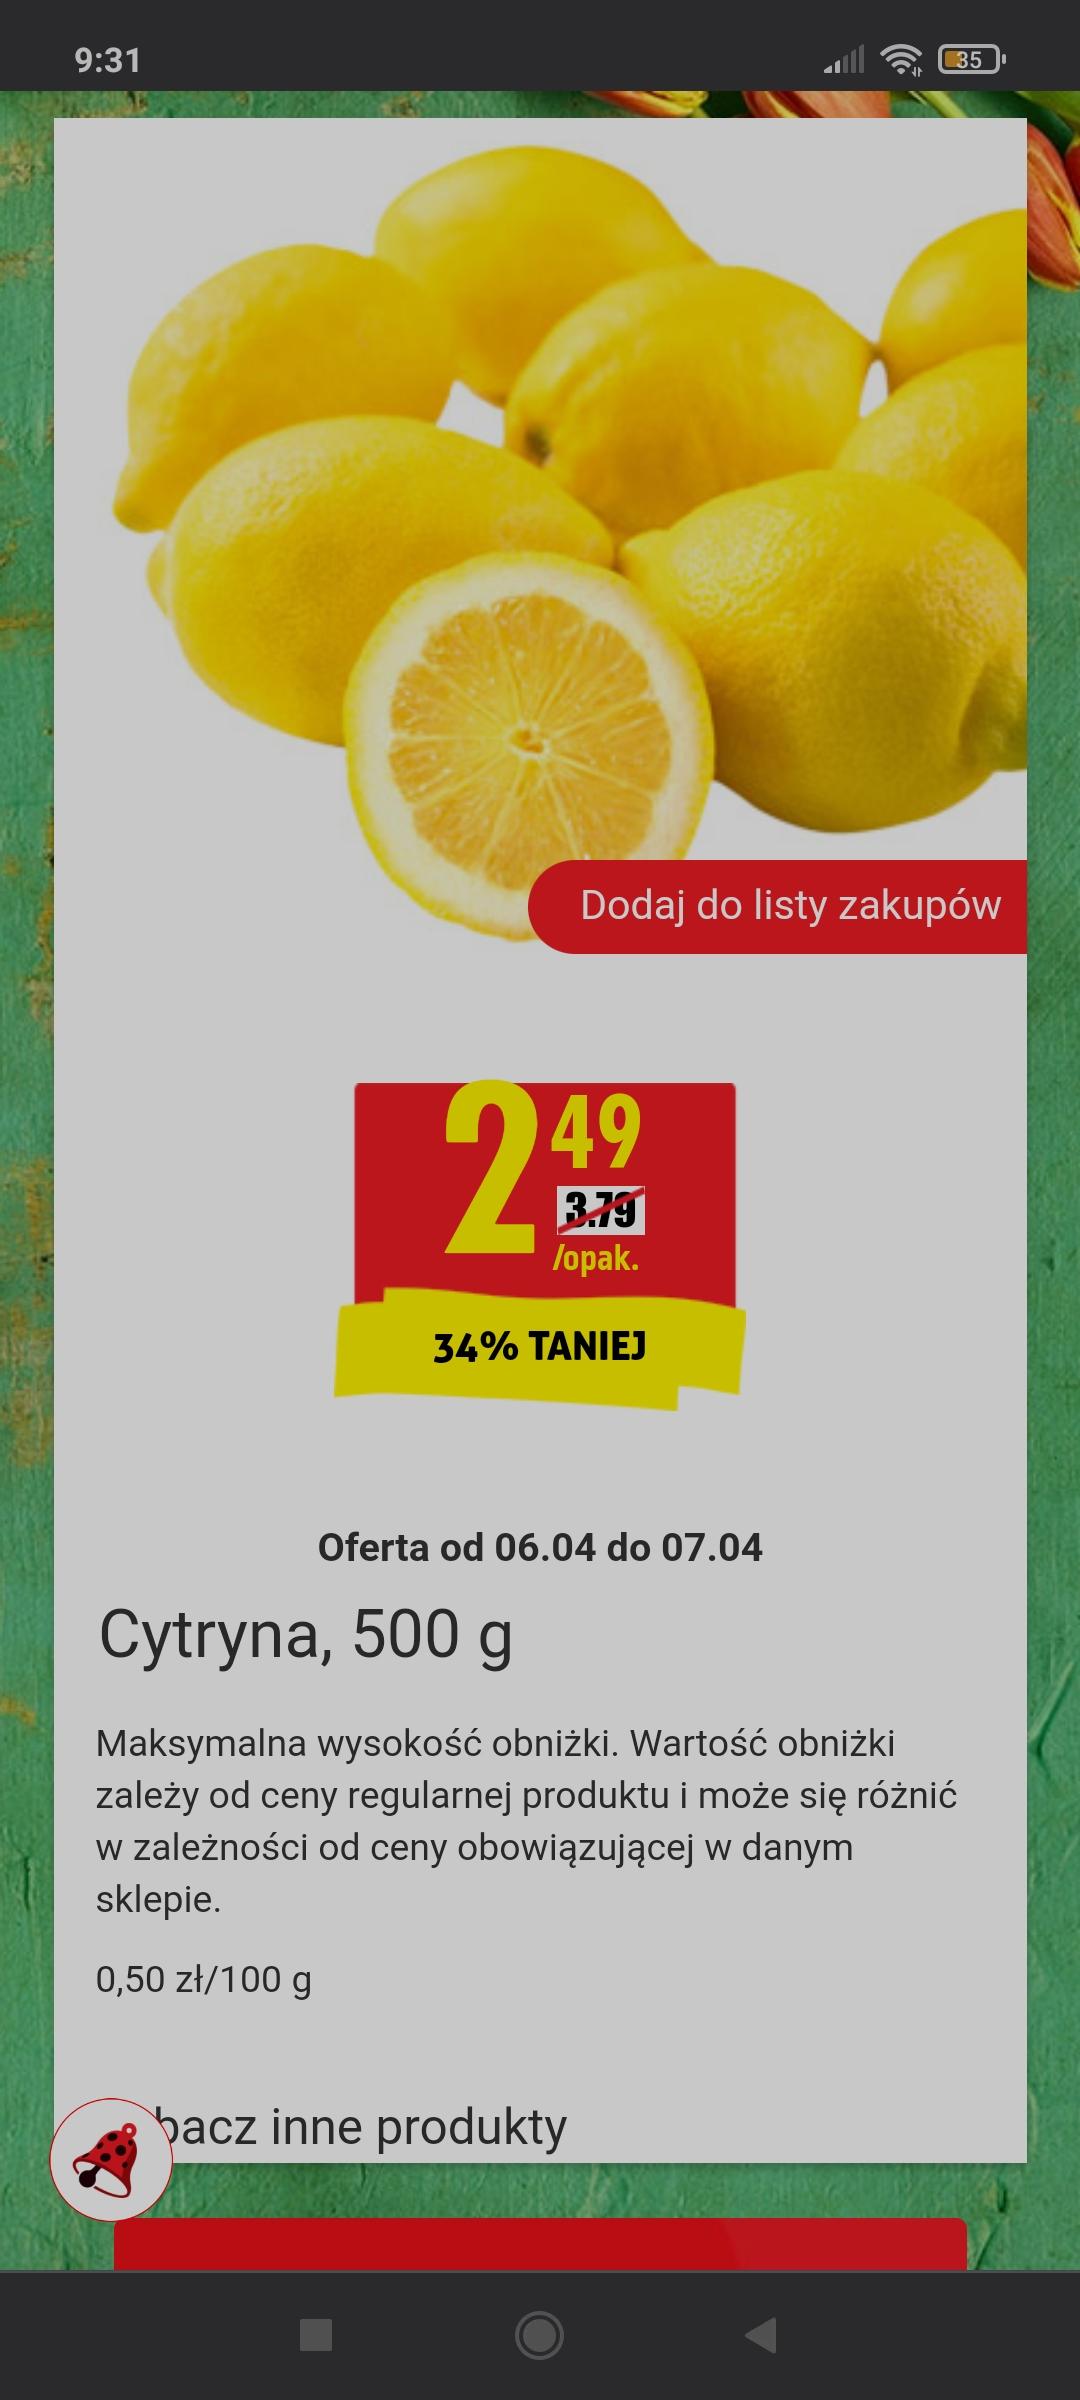 Cytryna, 500 g w Biedronce